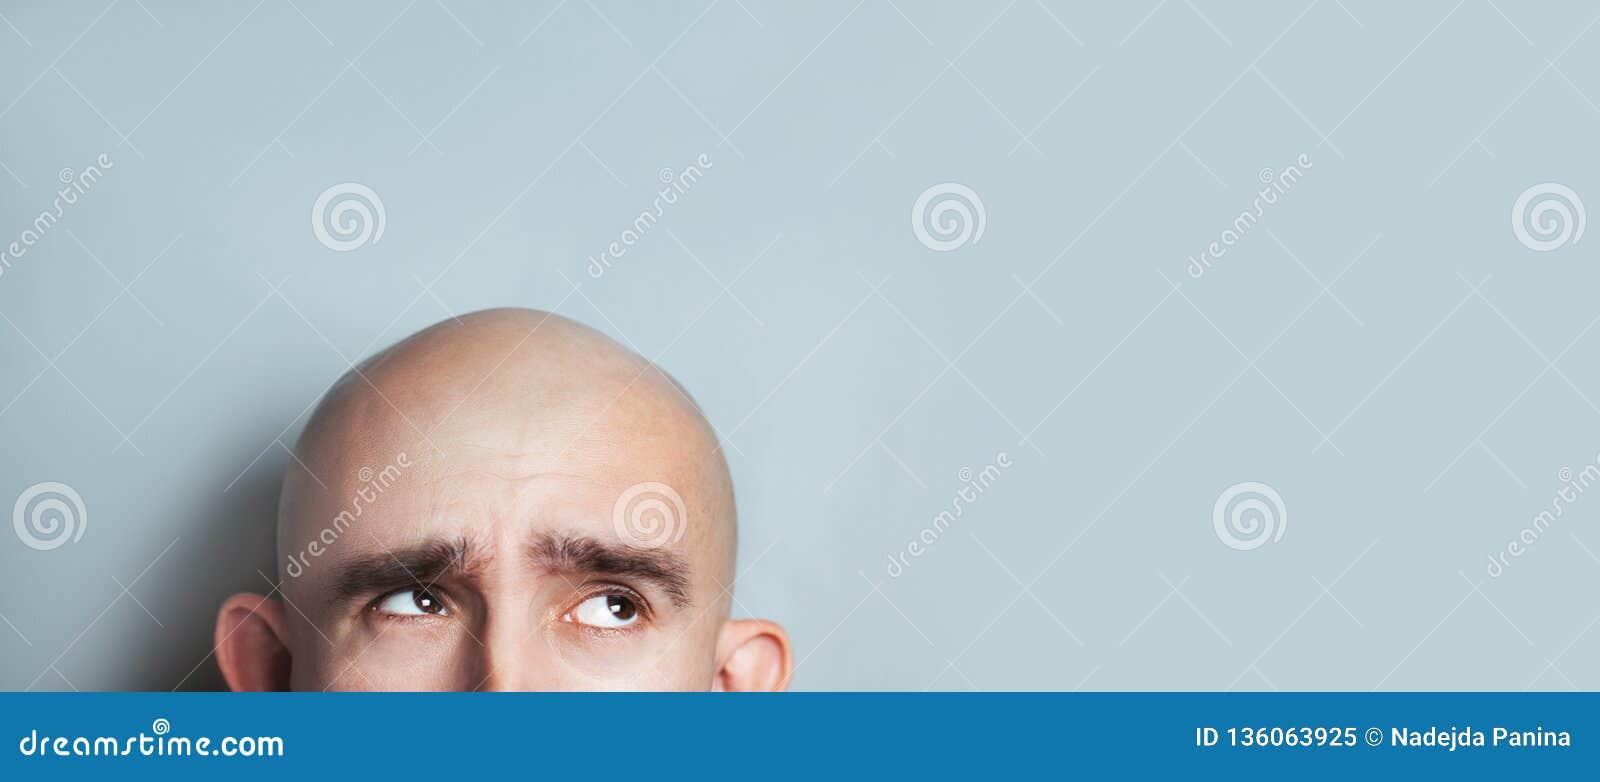 Эмоциональный портрет удивленного лысого человека